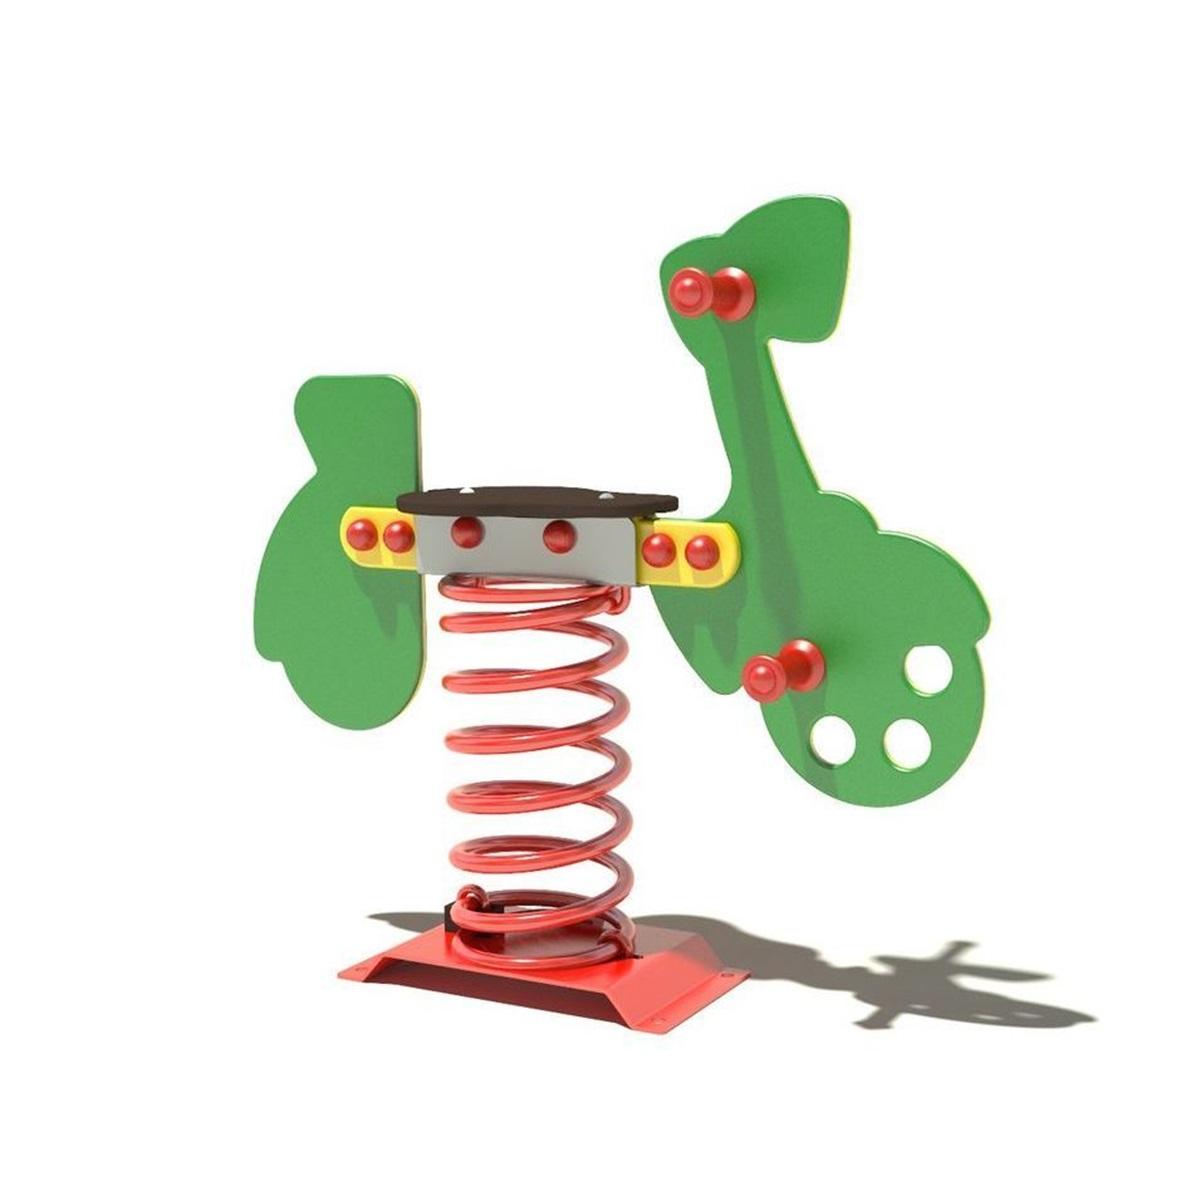 Juegos Infantiles, muelles individuales para niños